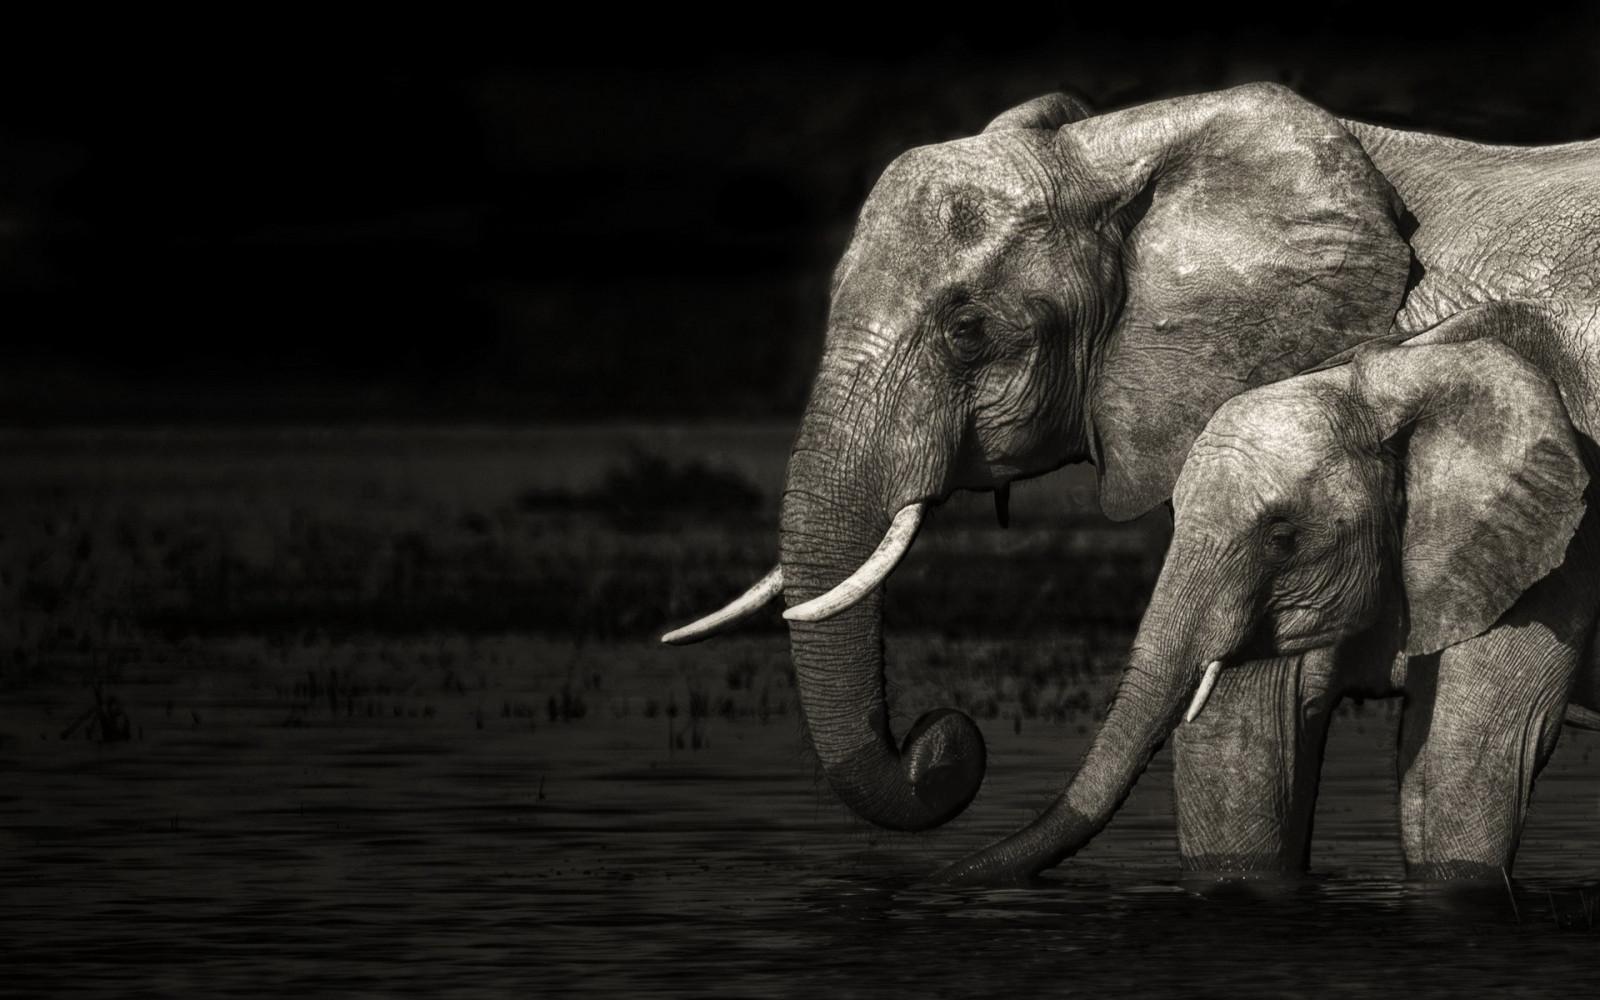 101+ Gambar Hewan Gajah Hitam Putih Terbaru